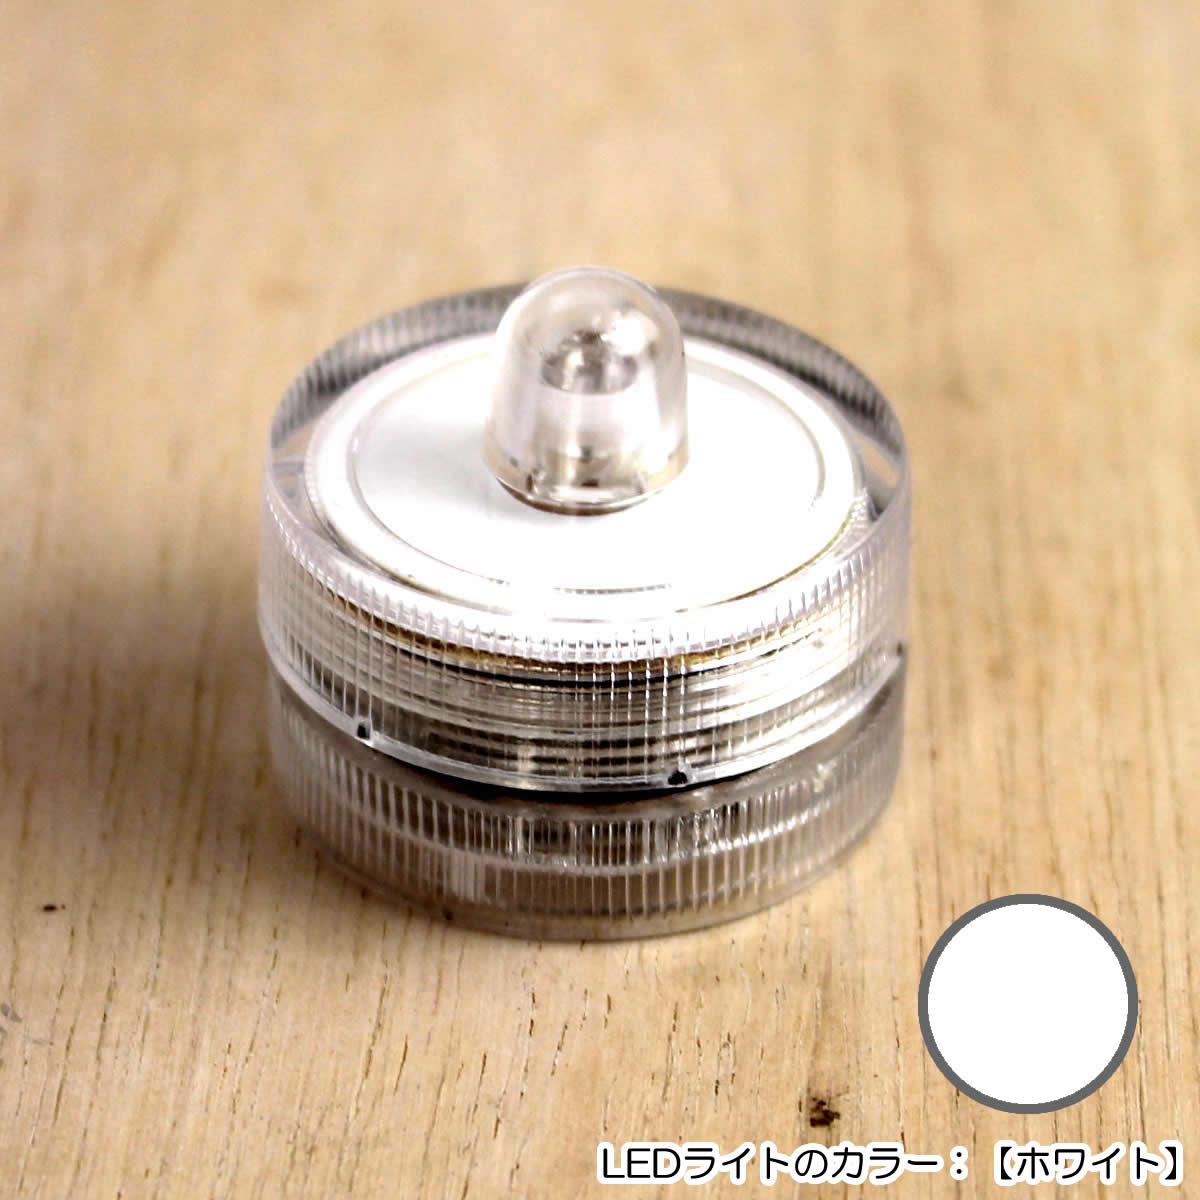 即日 ハーバリウム用スタッキングボトル専用LEDティーライトキャンドル(ホワイト)《花資材・道具 ハーバリウム材料 ハーバリウム オイル》